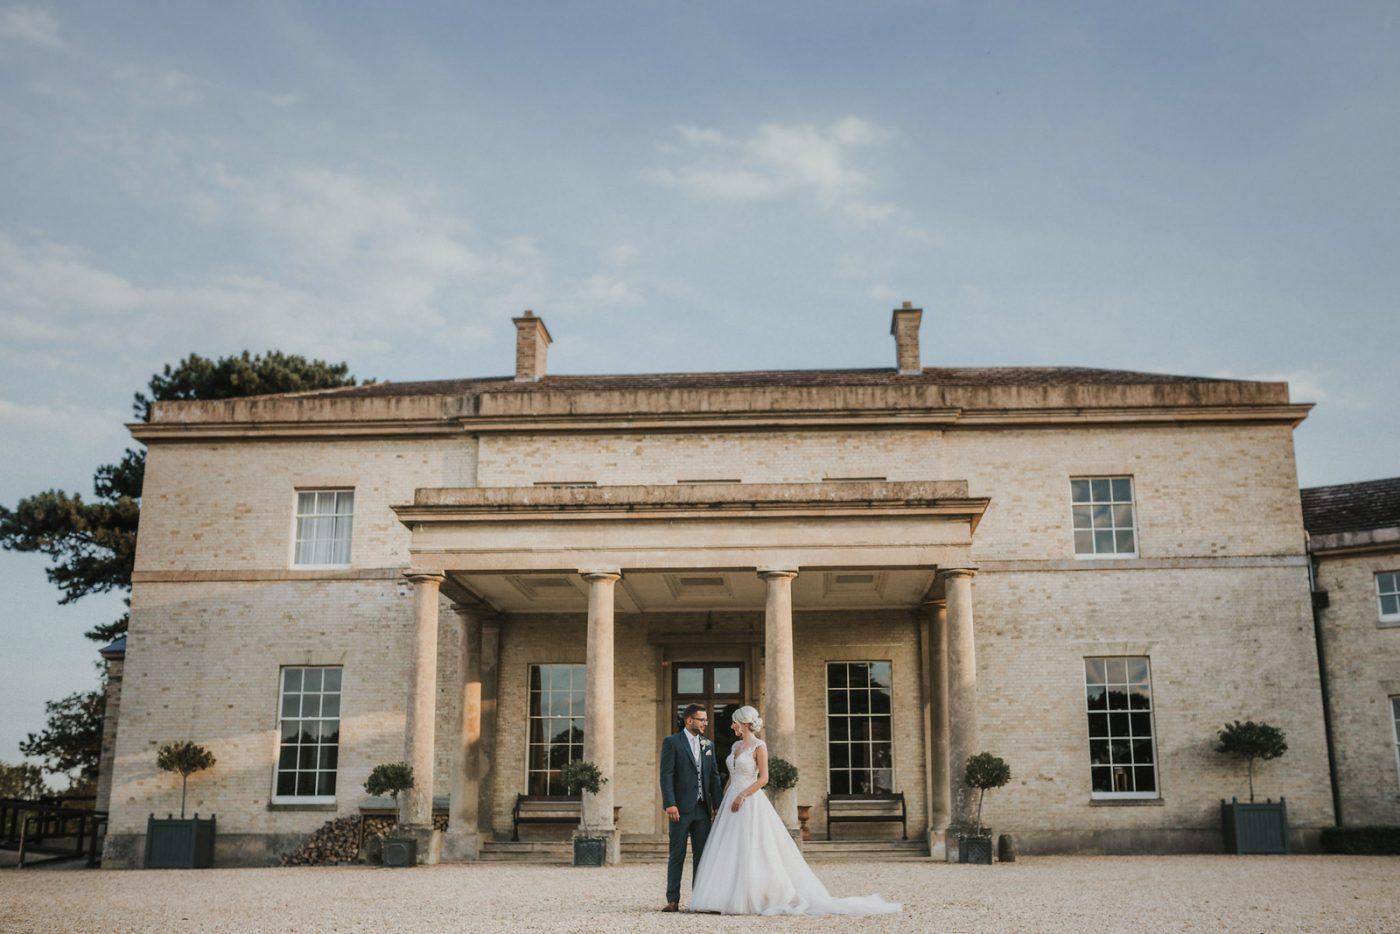 Stubton Hall Wedding Venue